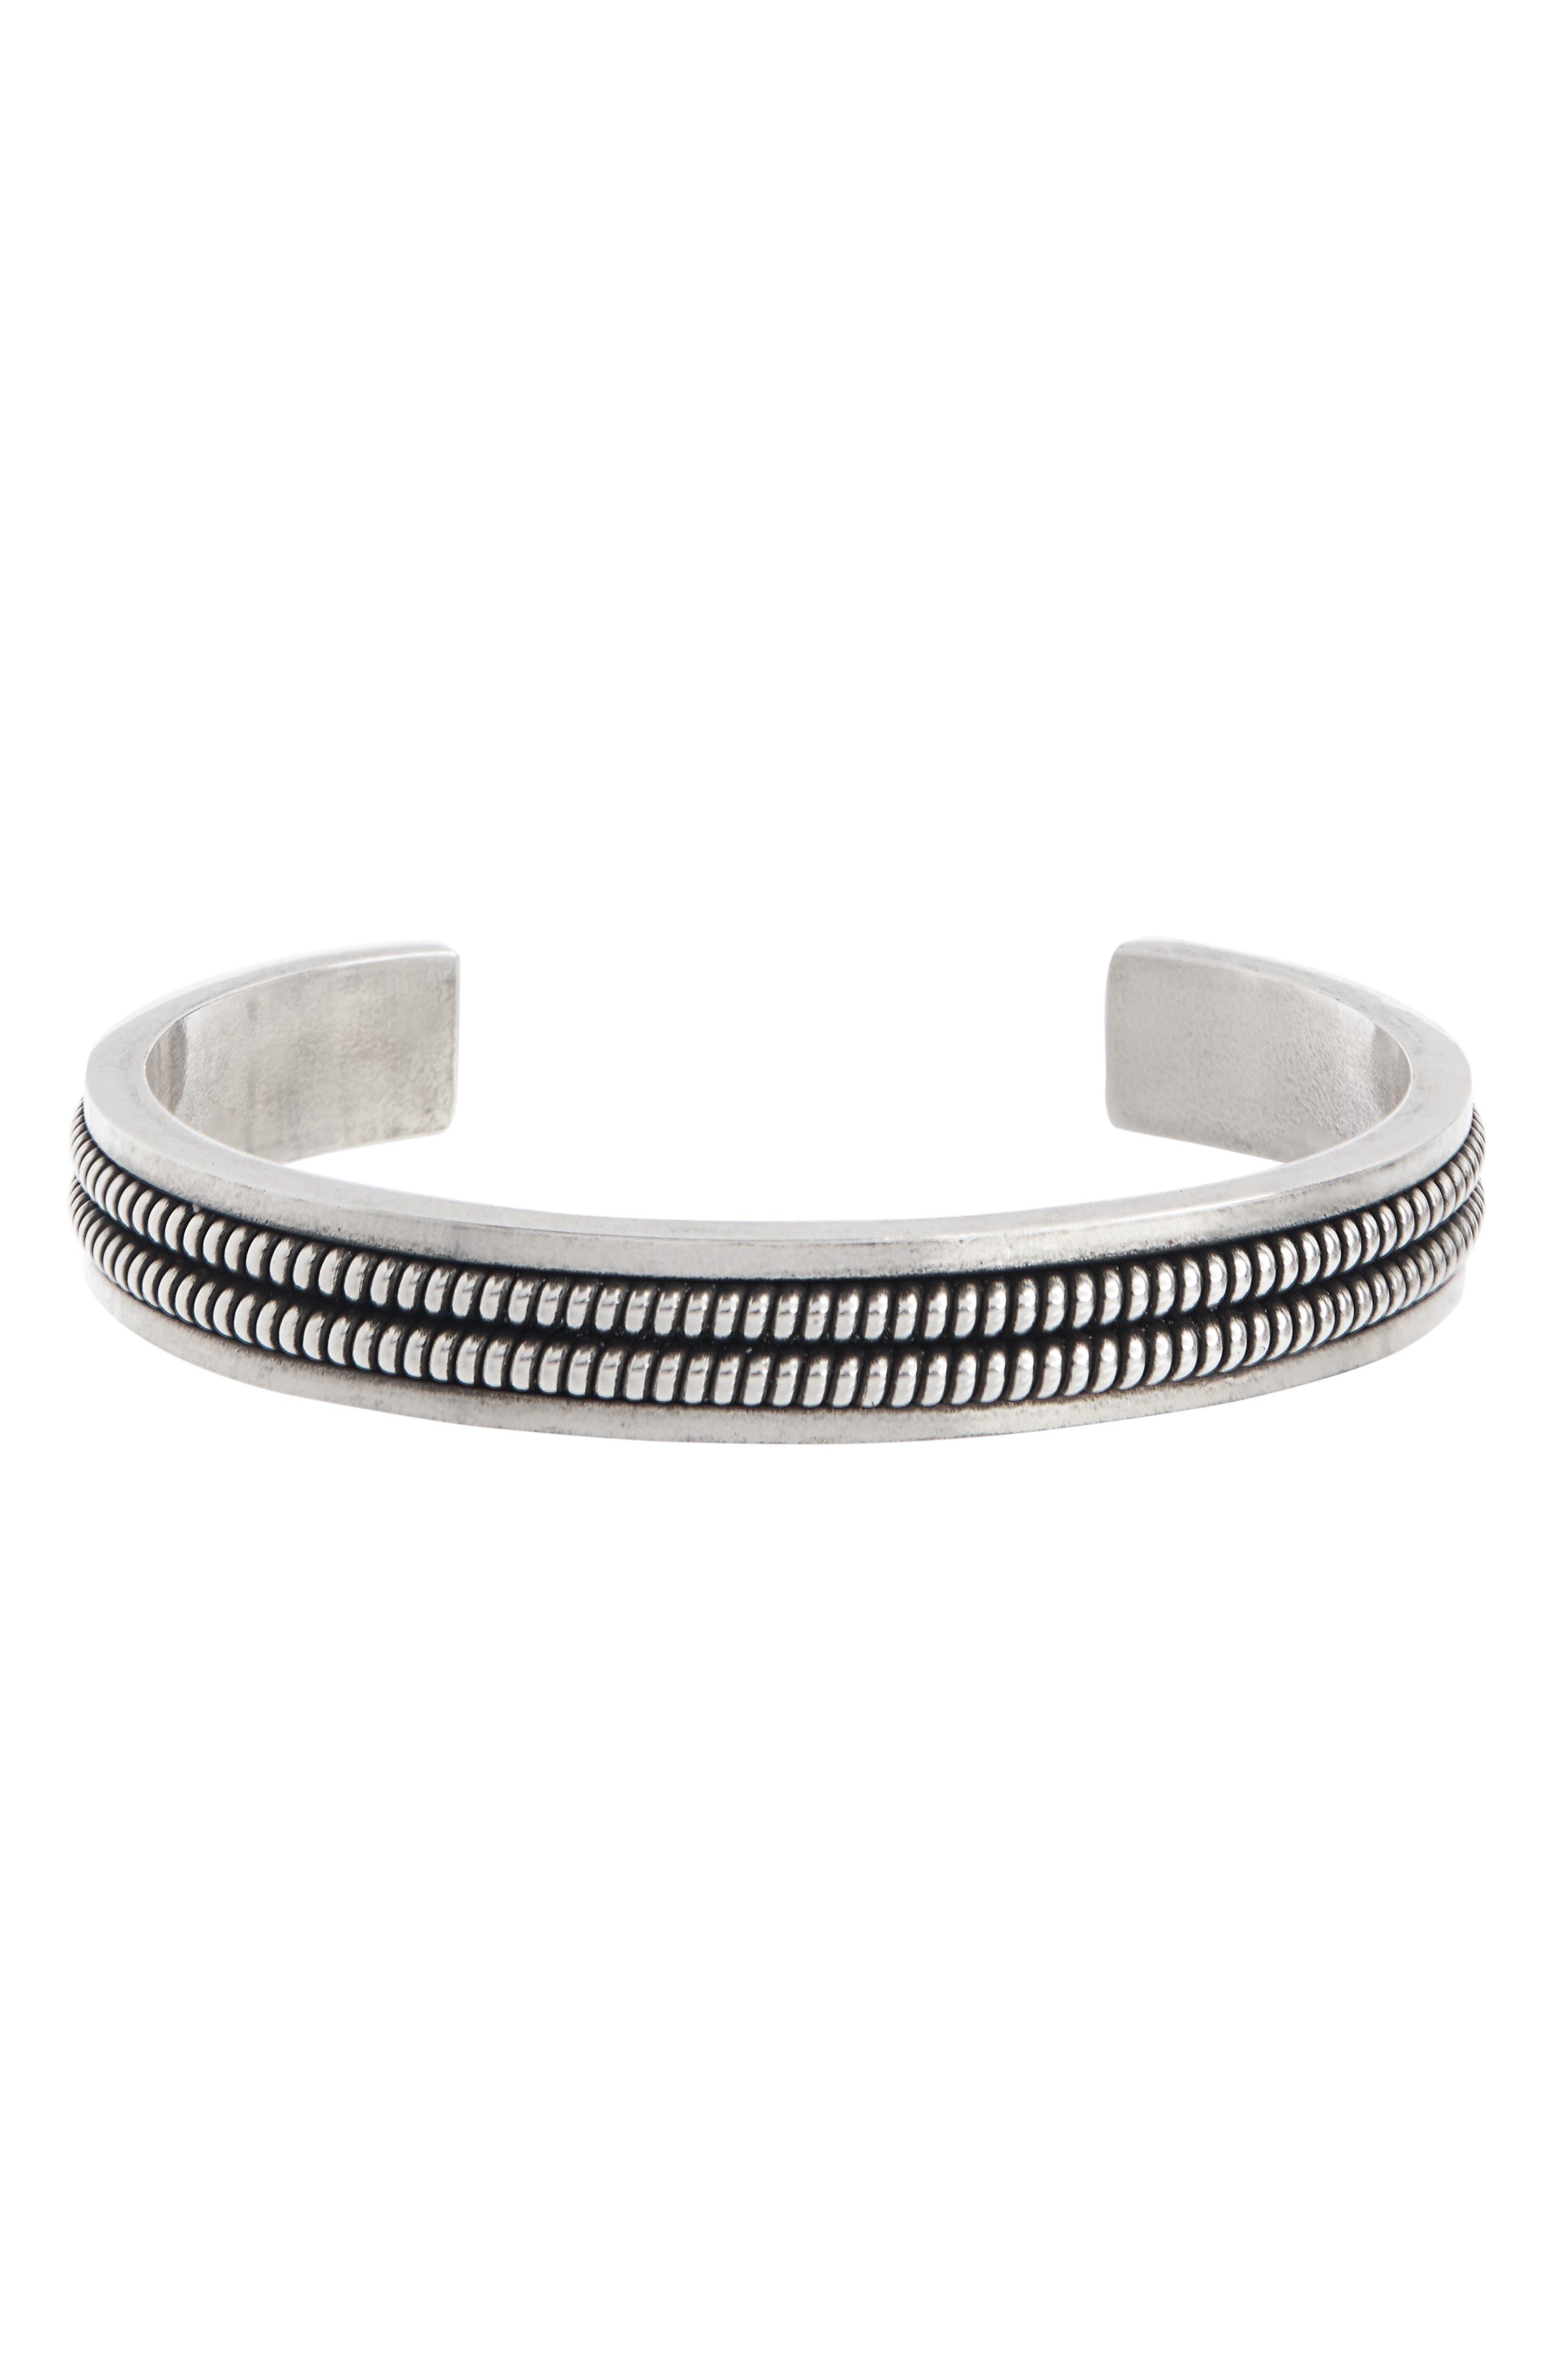 SAINT LAURENT 2 Lignes Cuff Bracelet, Main, color, SILVER